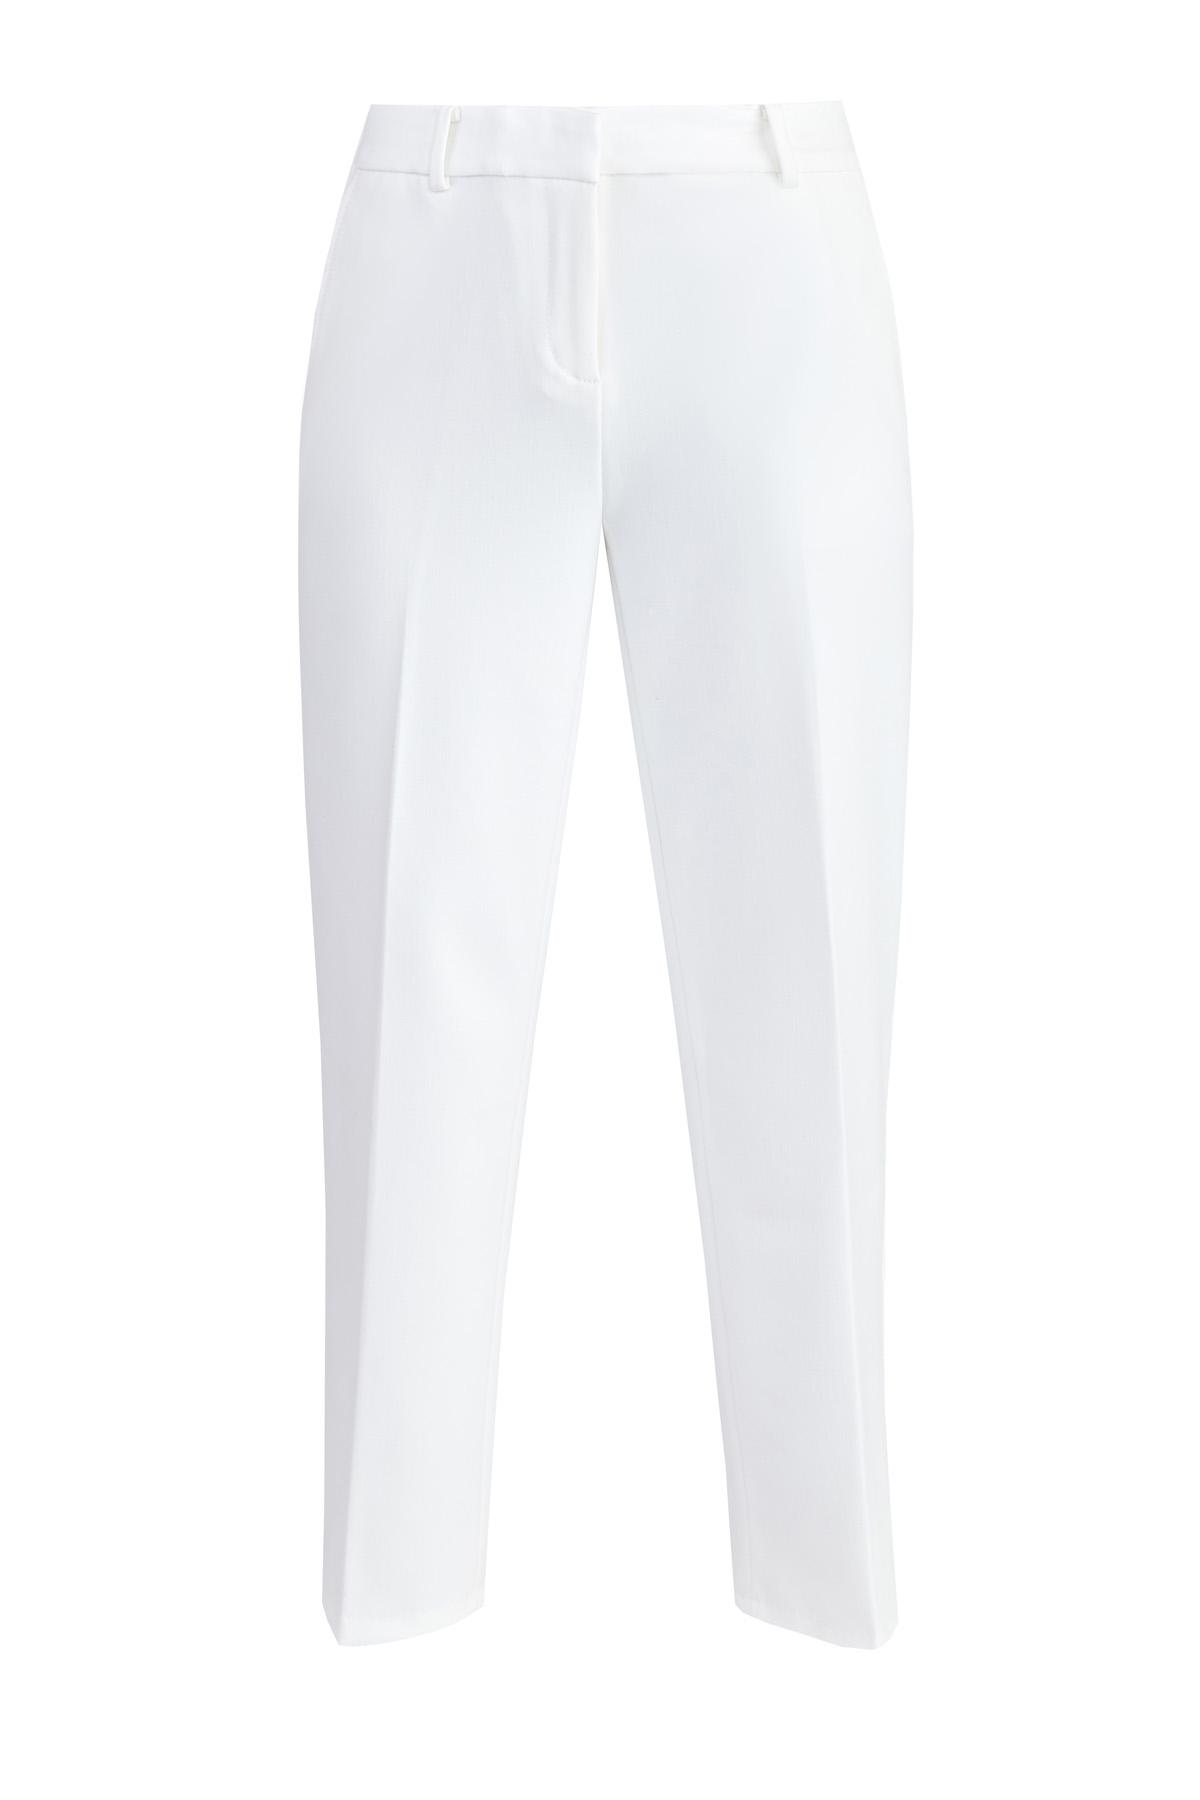 Прямые брюки длины ⅞ из плотной костюмной ткани фото